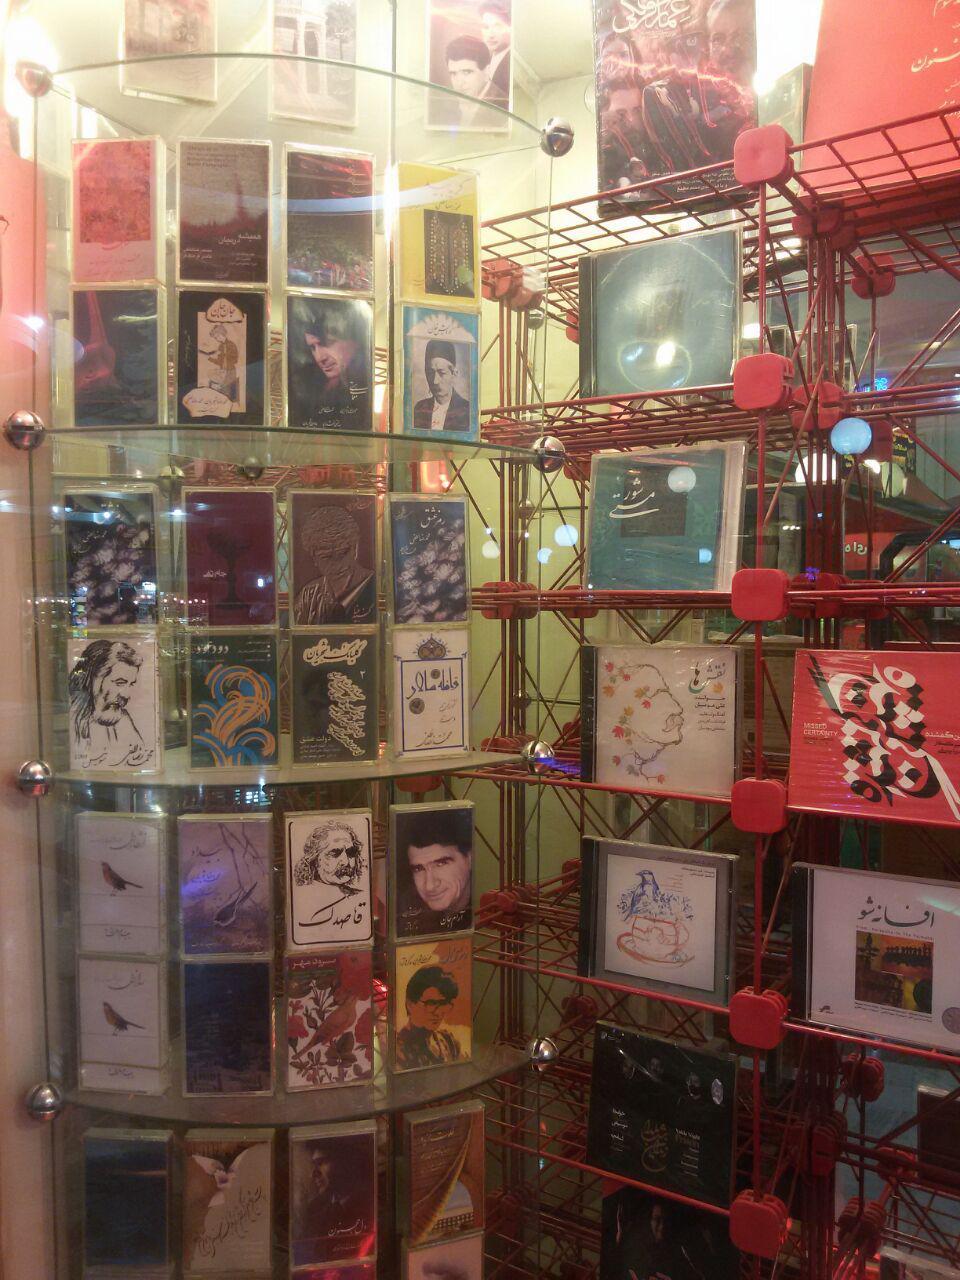 فروشگاه مهتاب